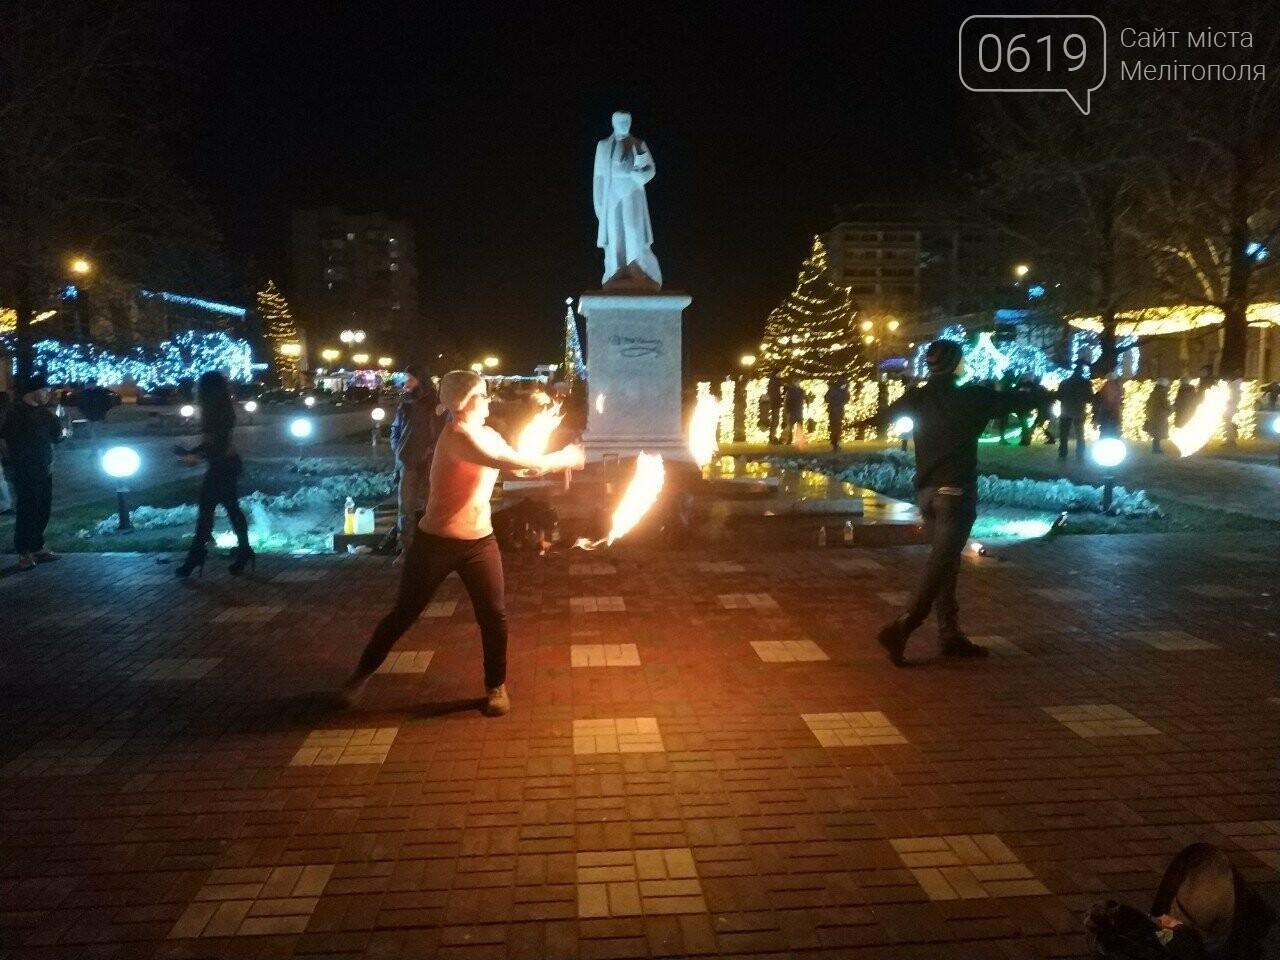 В центре Мелитополя устроили огненное шоу, фото-2, Фото сайта 0619